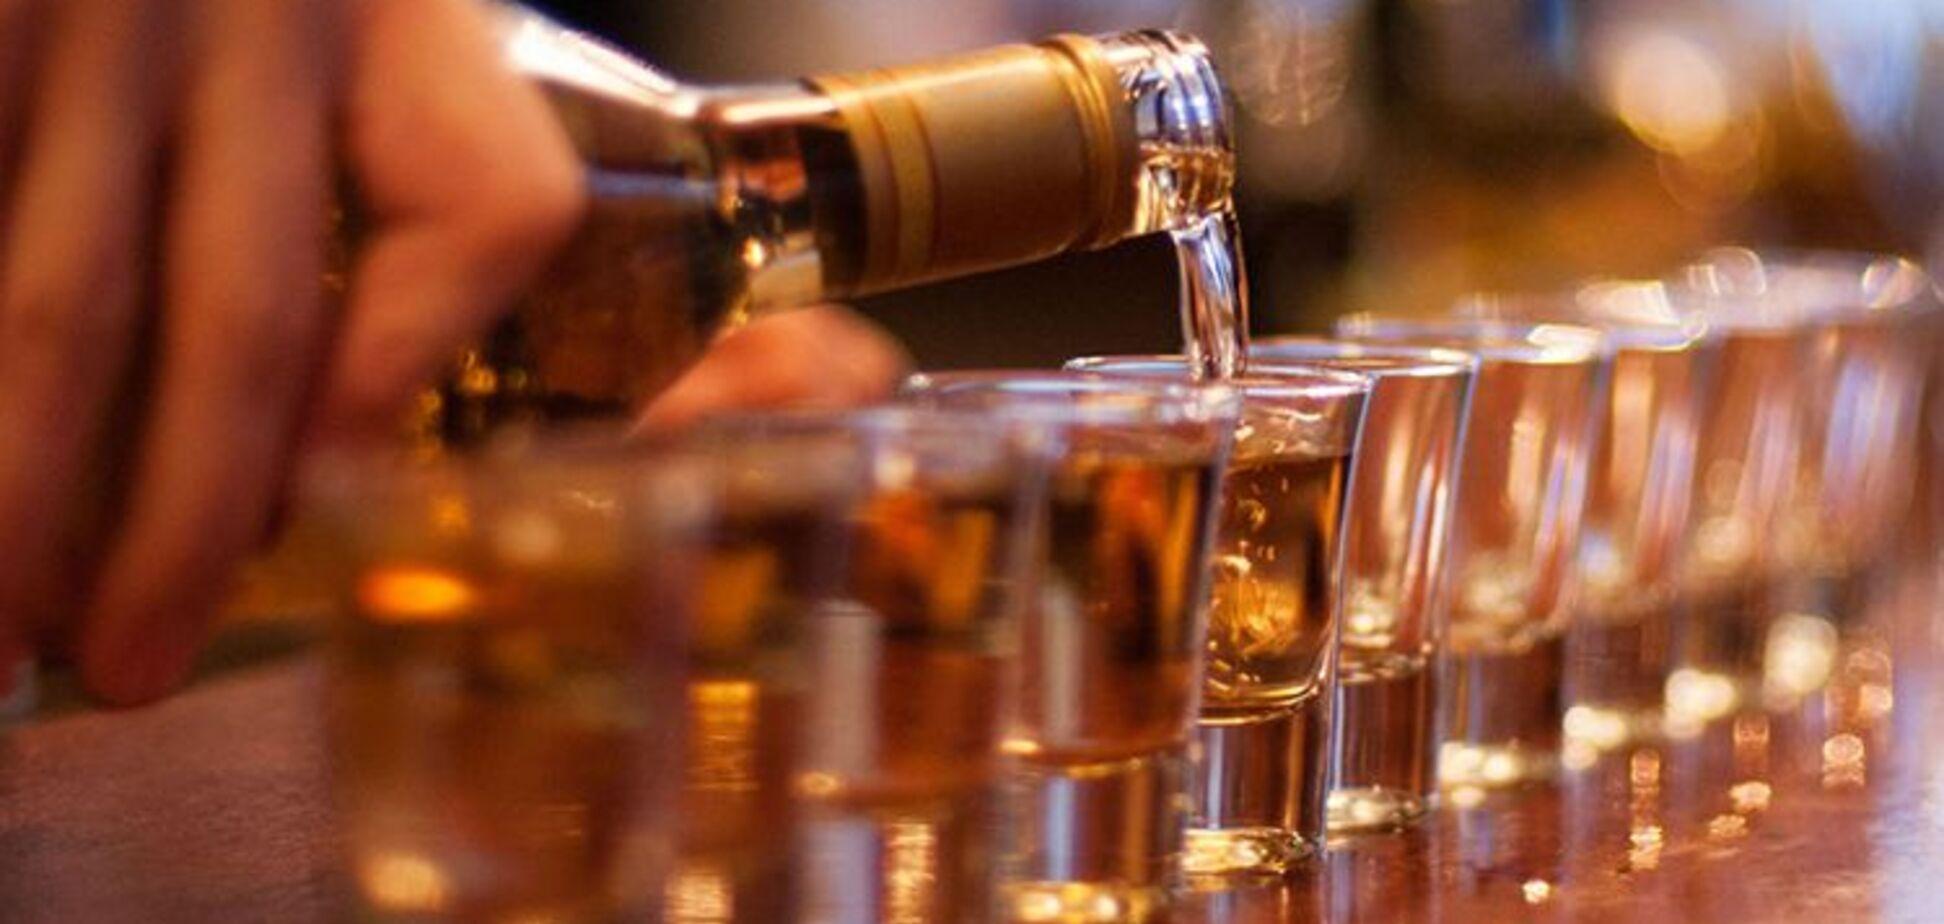 Ученые назвали безопасную дозу алкоголя